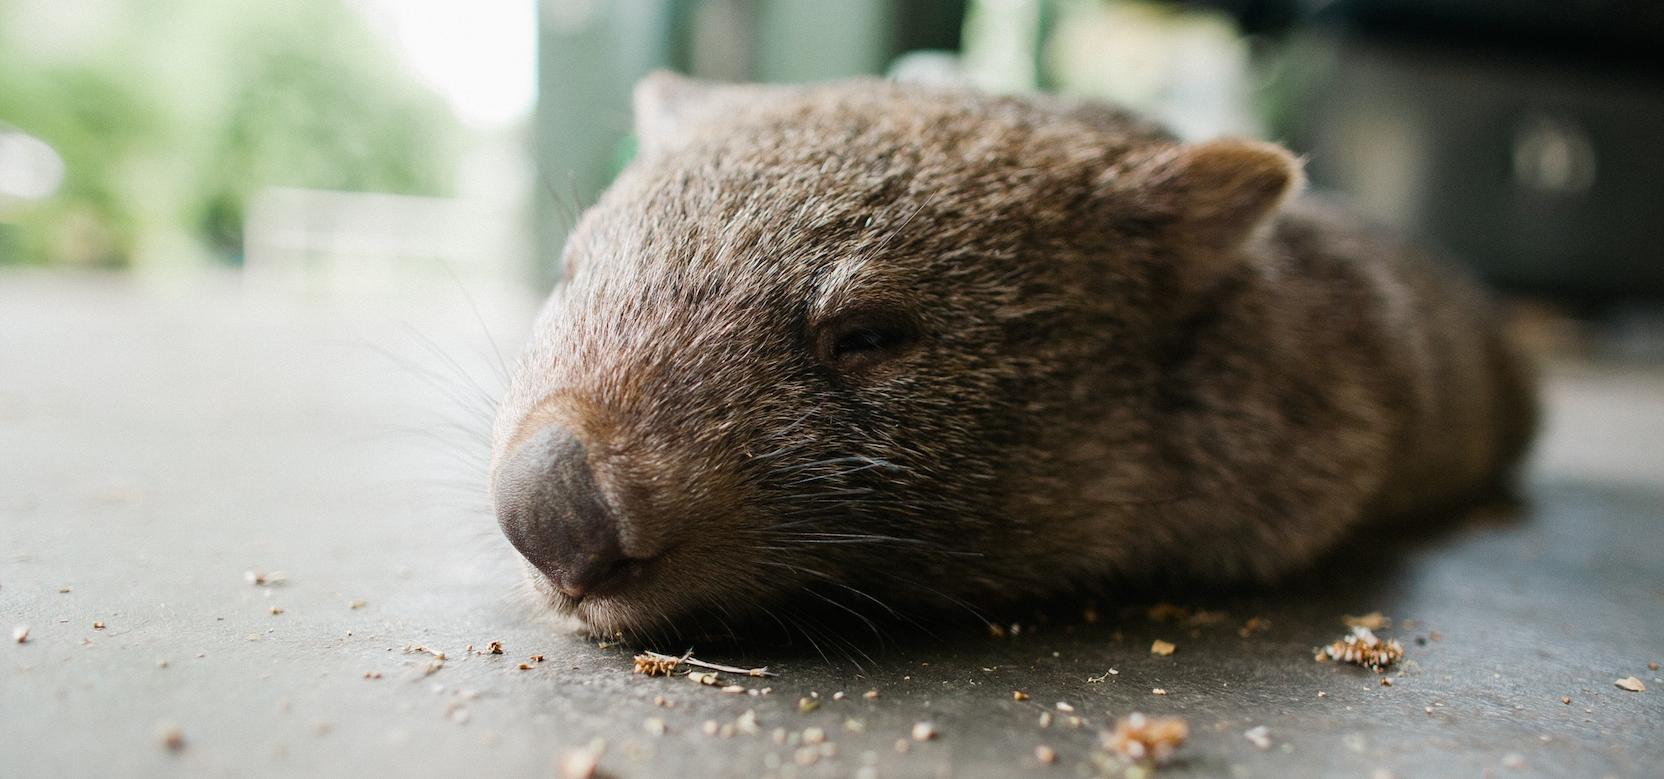 Douglas the wombat